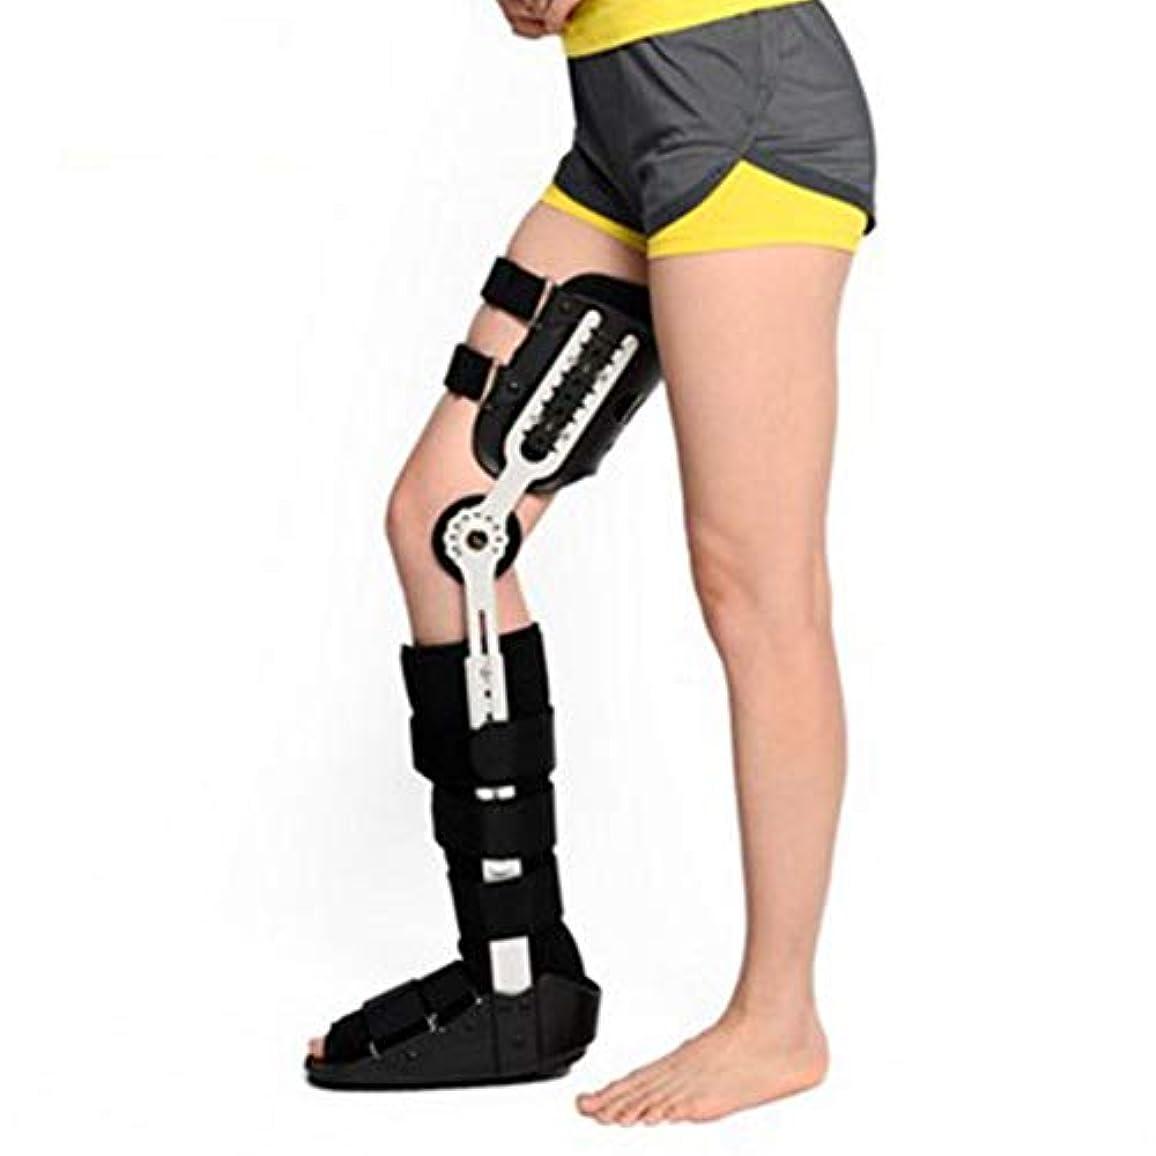 民族主義フラグラント太平洋諸島調節可能な膝 - 足首 - 足用装具、大腿膝関節ふくらはぎ足首固定ステント、骨折支援リハビリテーション